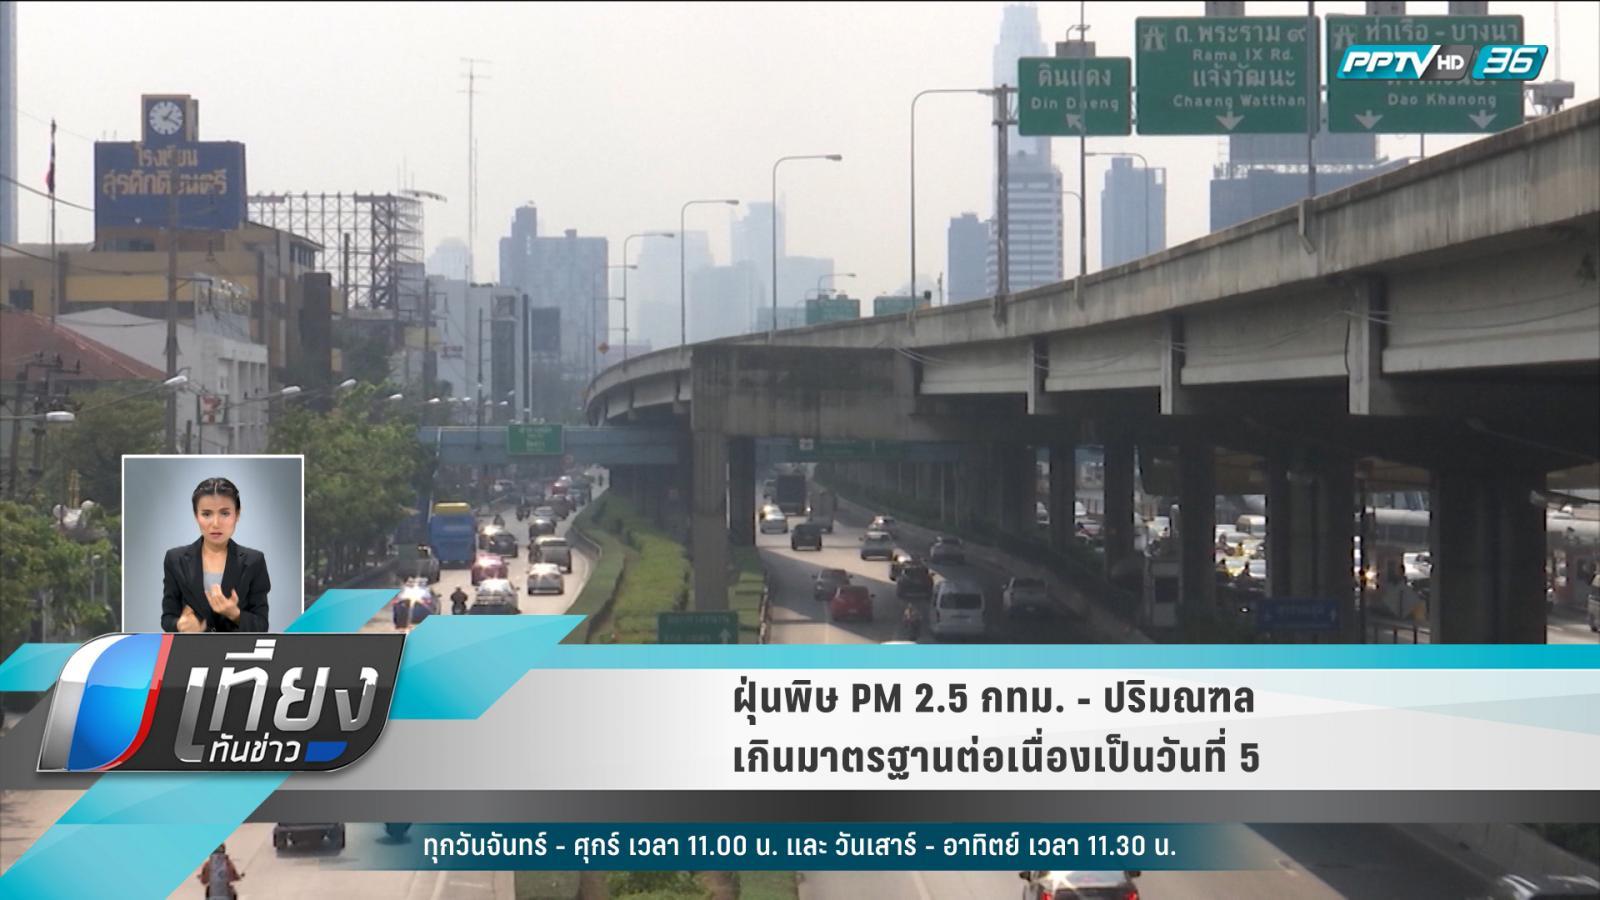 ฝุ่นพิษ PM 2.5 กรุงเทพฯ-ปริมณฑล เข้าวันที่ 5